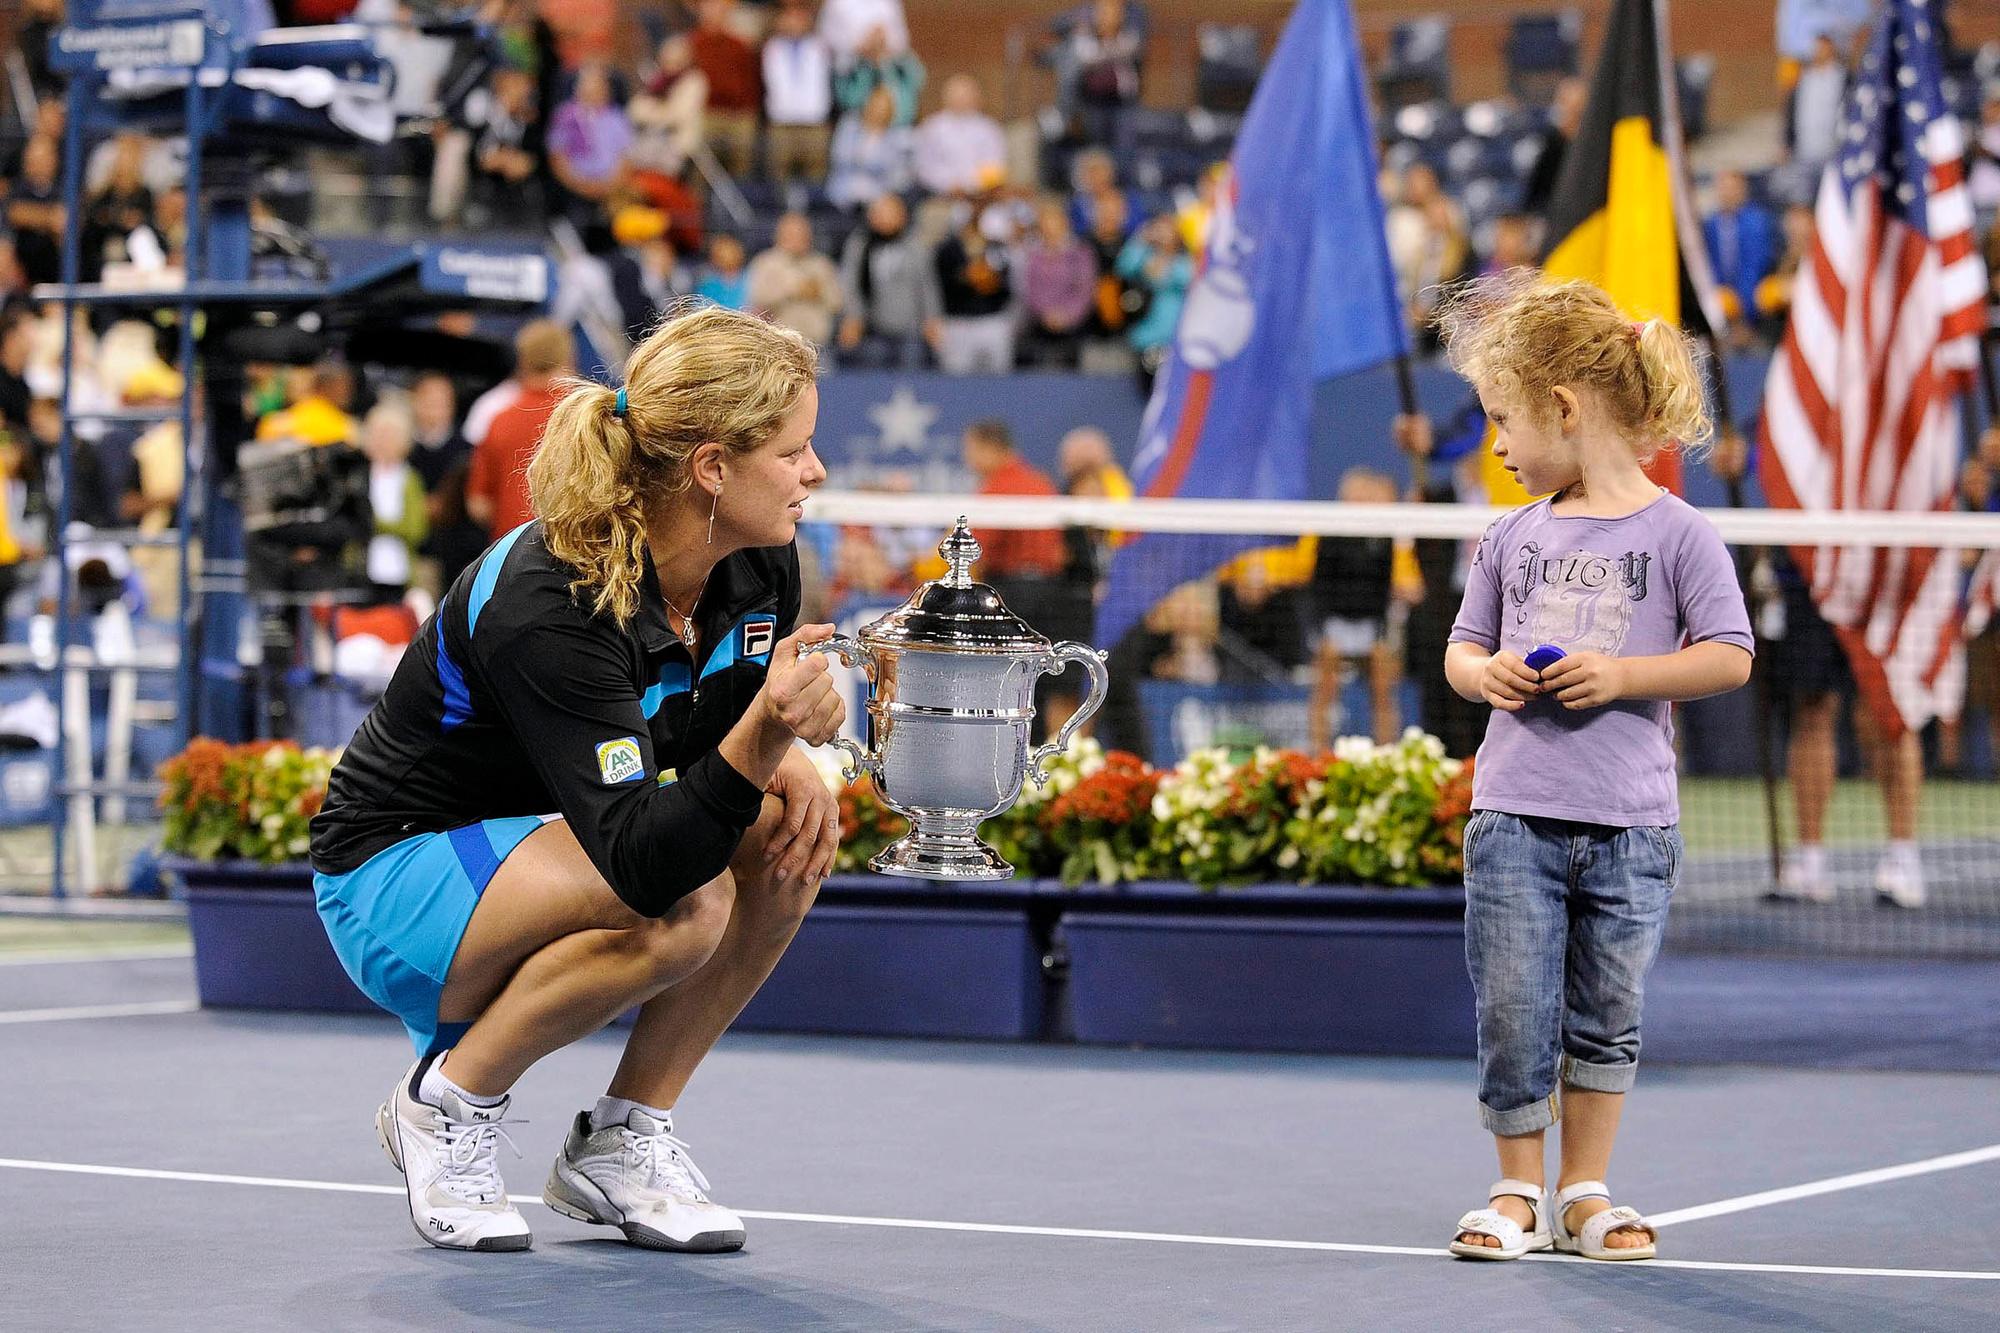 Iconische beelden: Kim Clijsters wint de US Open bij haar eerste comeback en viert dat samen met haar dochtertje Jada, Belga Image